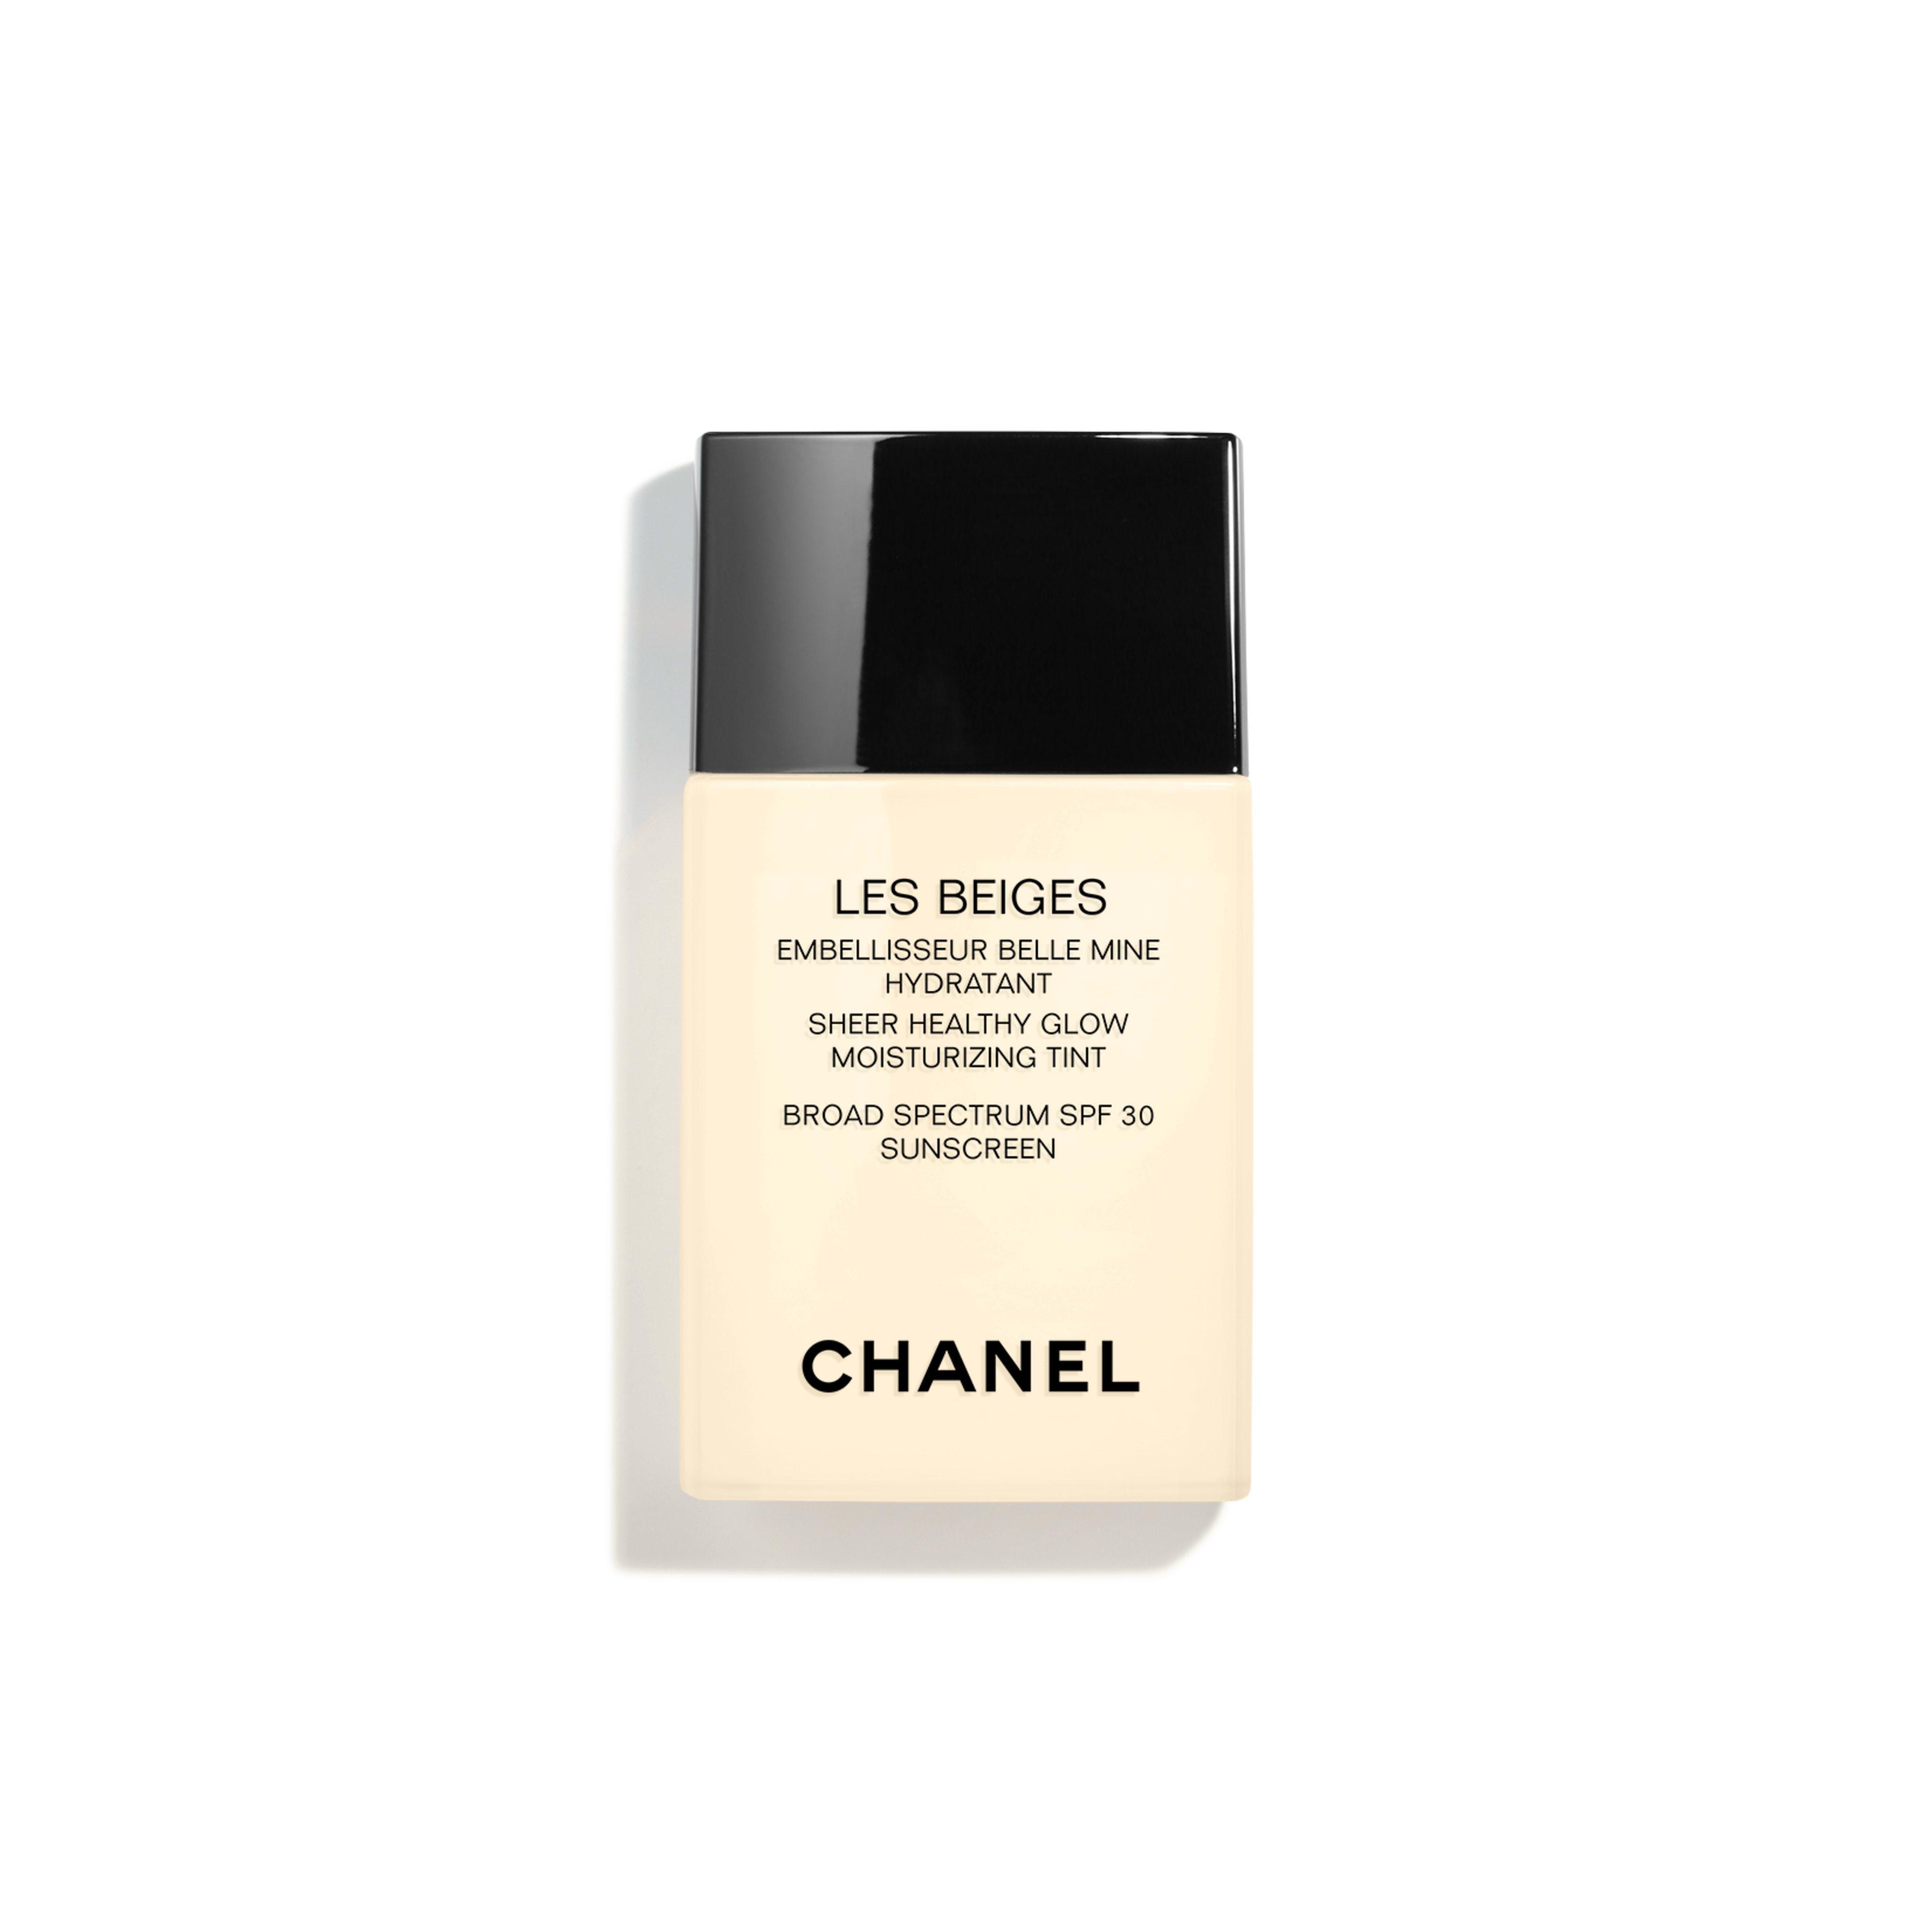 Les Beiges - makeup - 1FL. OZ. - Default view